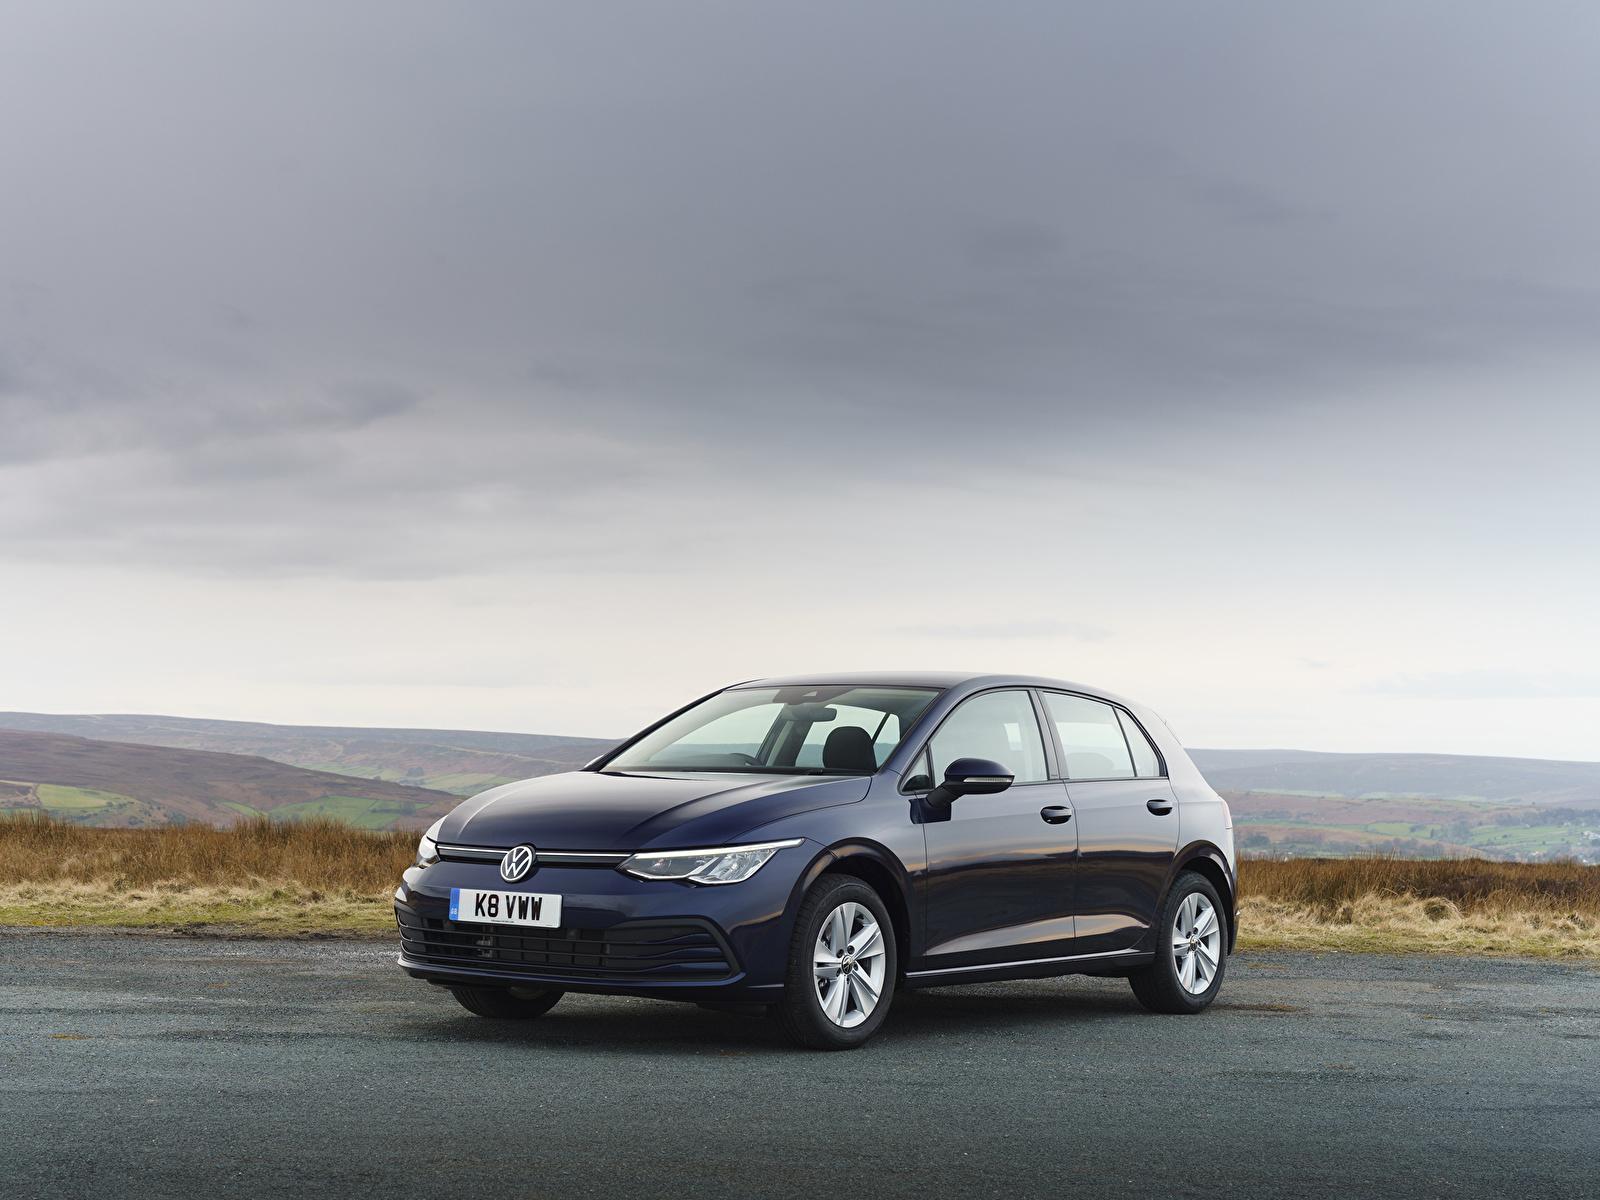 Bilder von Volkswagen 2020 Golf Life Blau auto Metallisch 1600x1200 Autos automobil